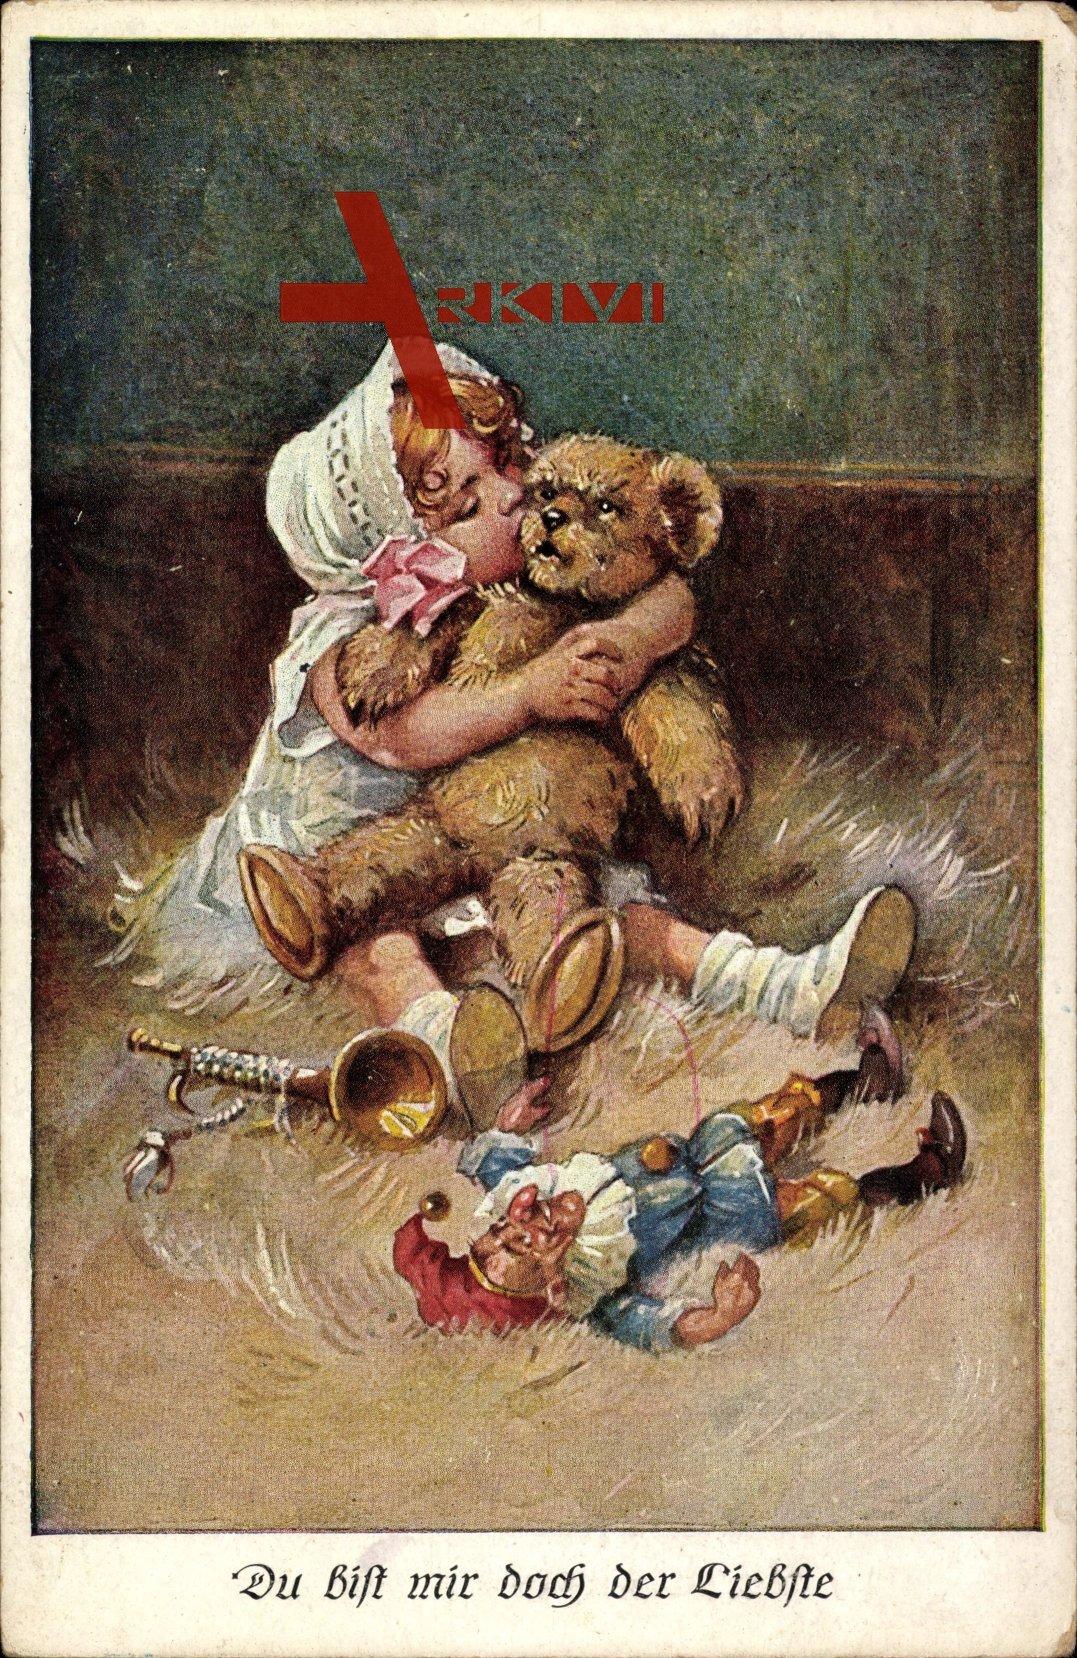 Du bist mir doch der Liebste, Mädchen mit Teddy und Spielzeug